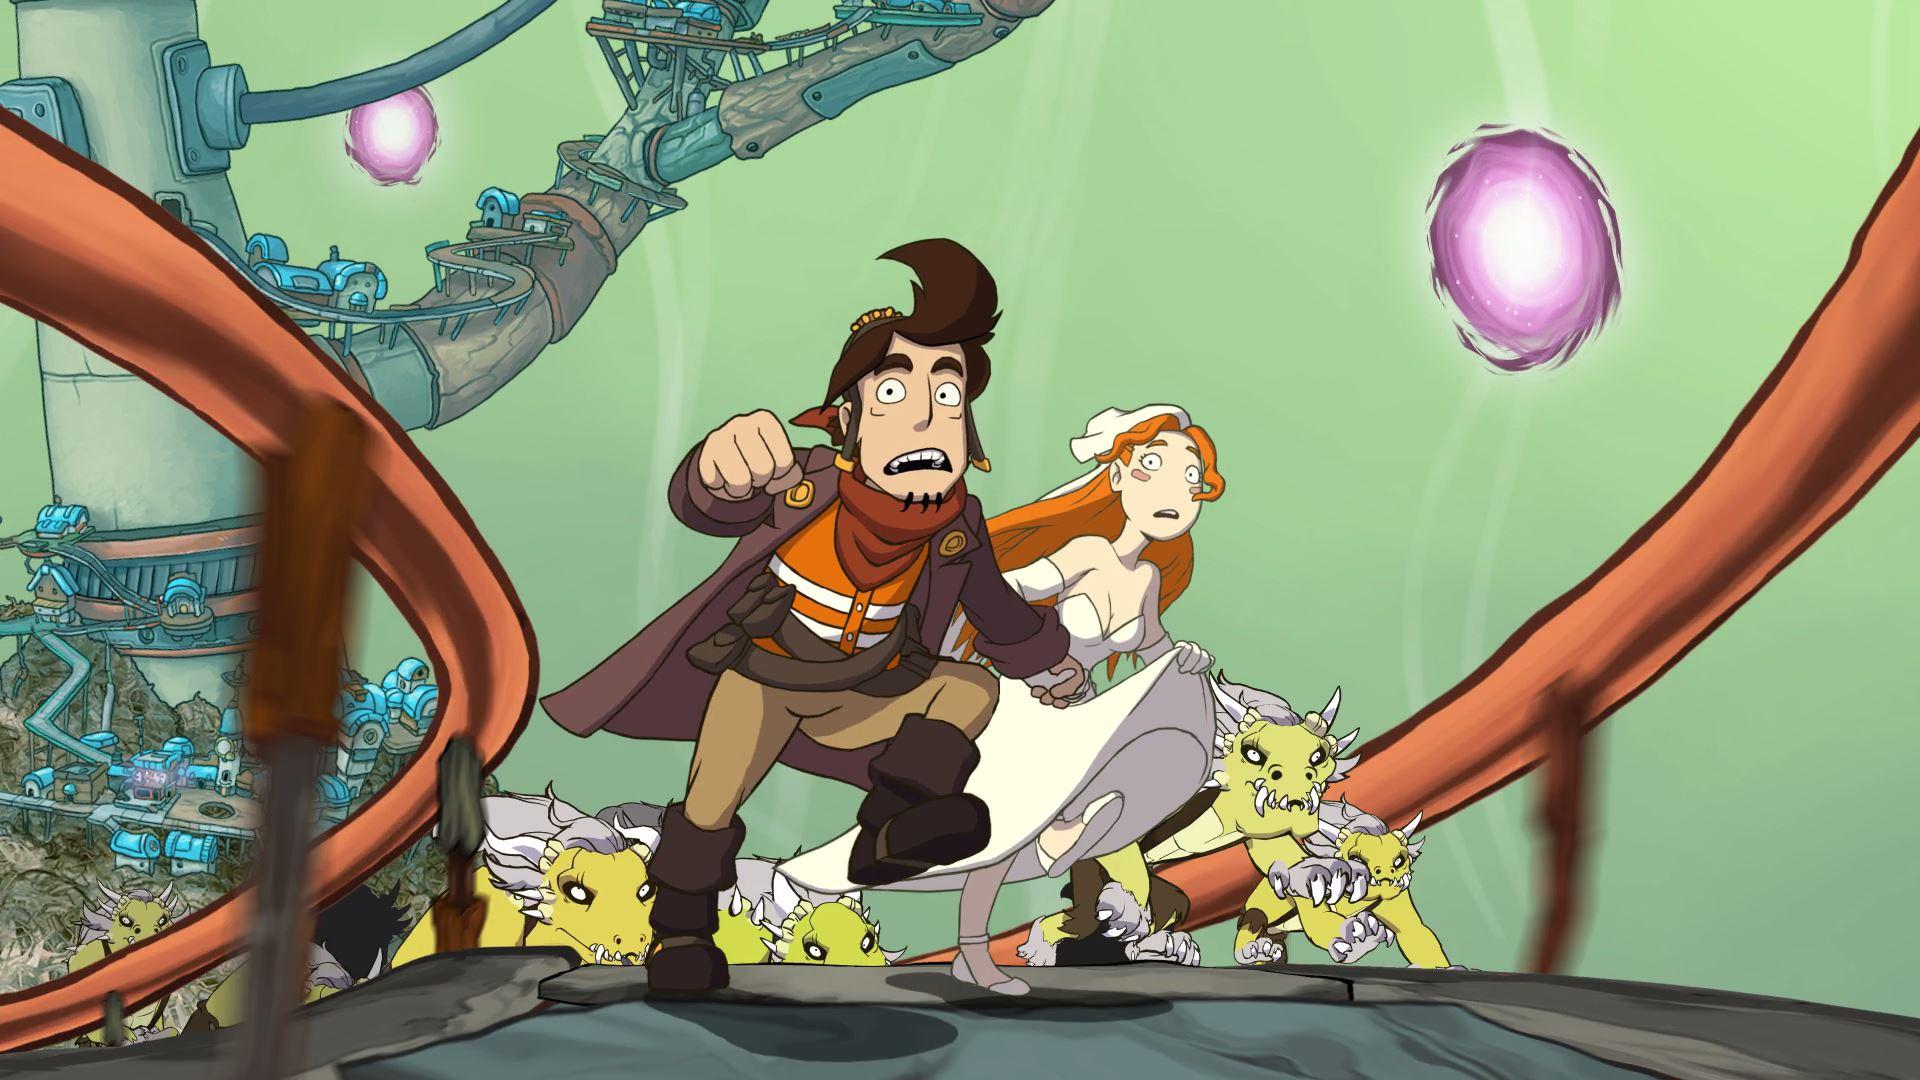 Screenshot: Der Hauptcharakter Rufus läuft Hand in Hand mit Goal, die ein Hochzeitskleid trägt. Die beiden werden von Dinosaurierartigen Wesen verfolgt.